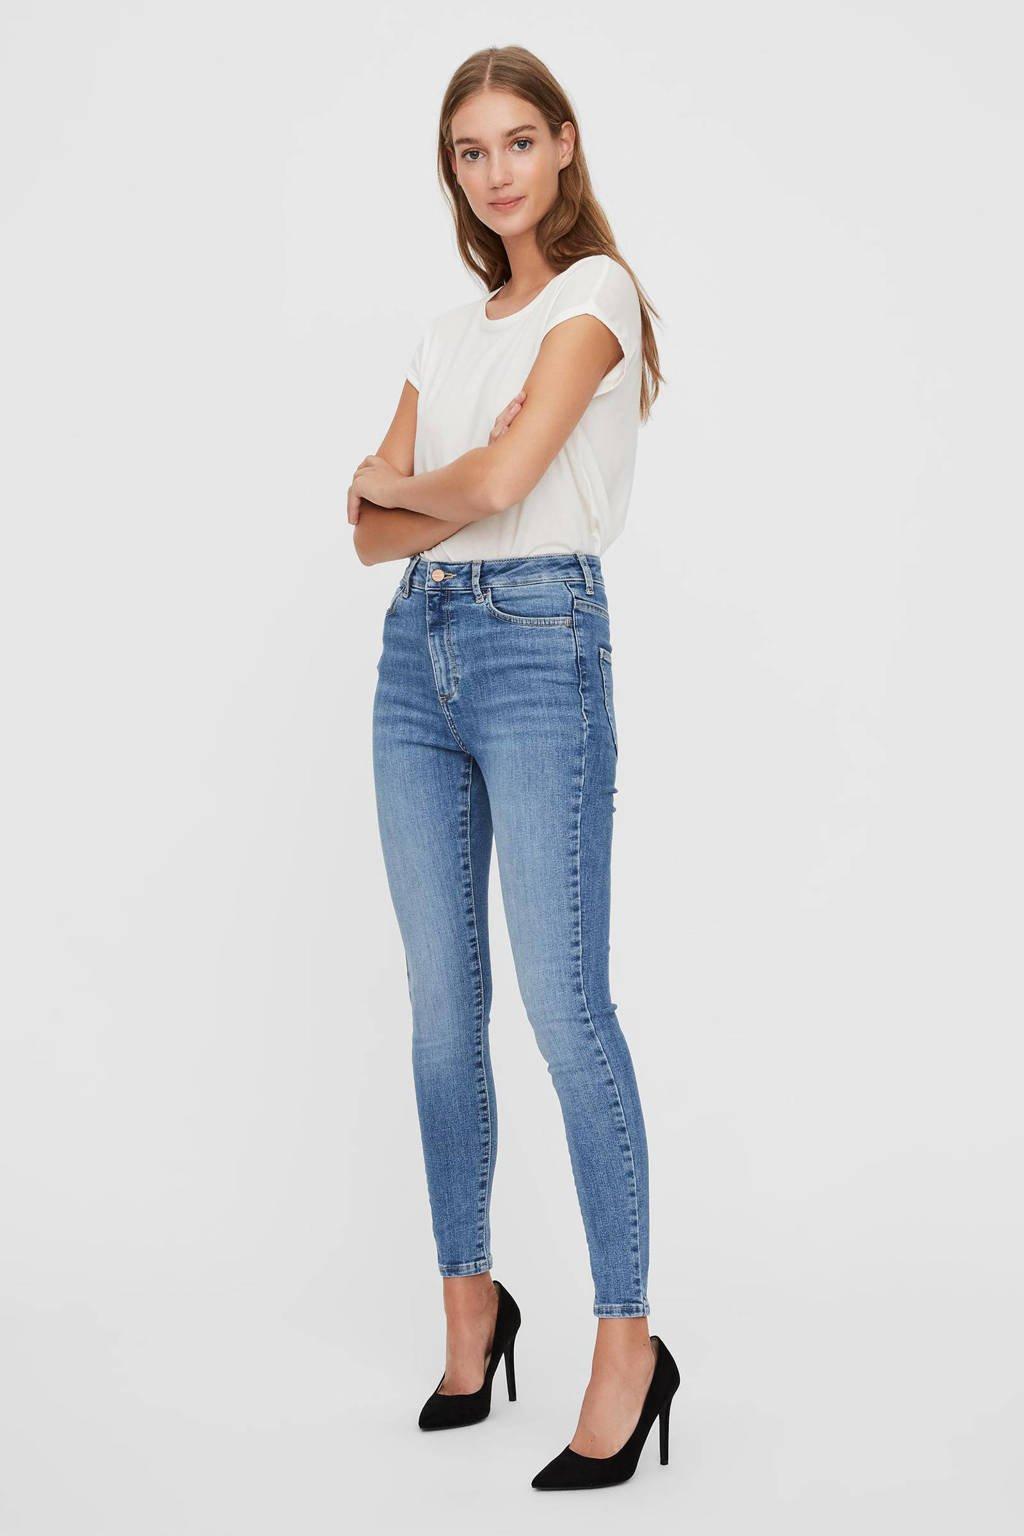 AWARE by VERO MODA skinny jeans VMSOPHIA light blue denim, Light blue denim